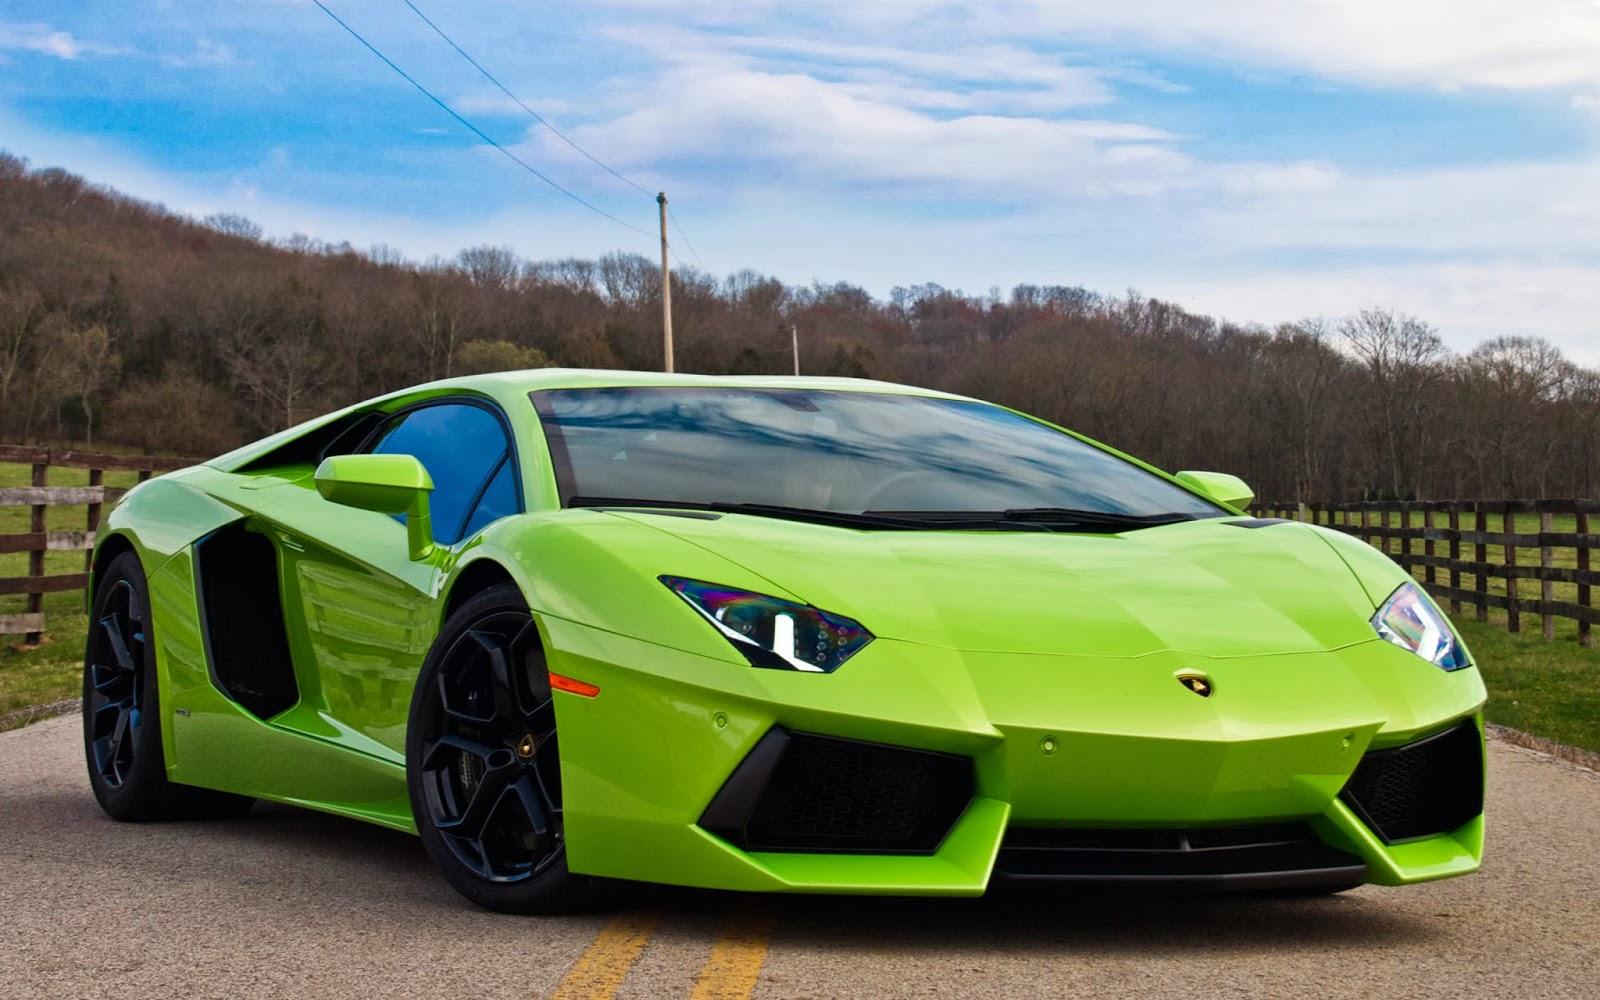 Foto Mobil Lamborghini Gallardo Modifikasi Lambang Lamborghini Aventador Lp700 4 Verde 1600x1000 Download Hd Wallpaper Wallpapertip